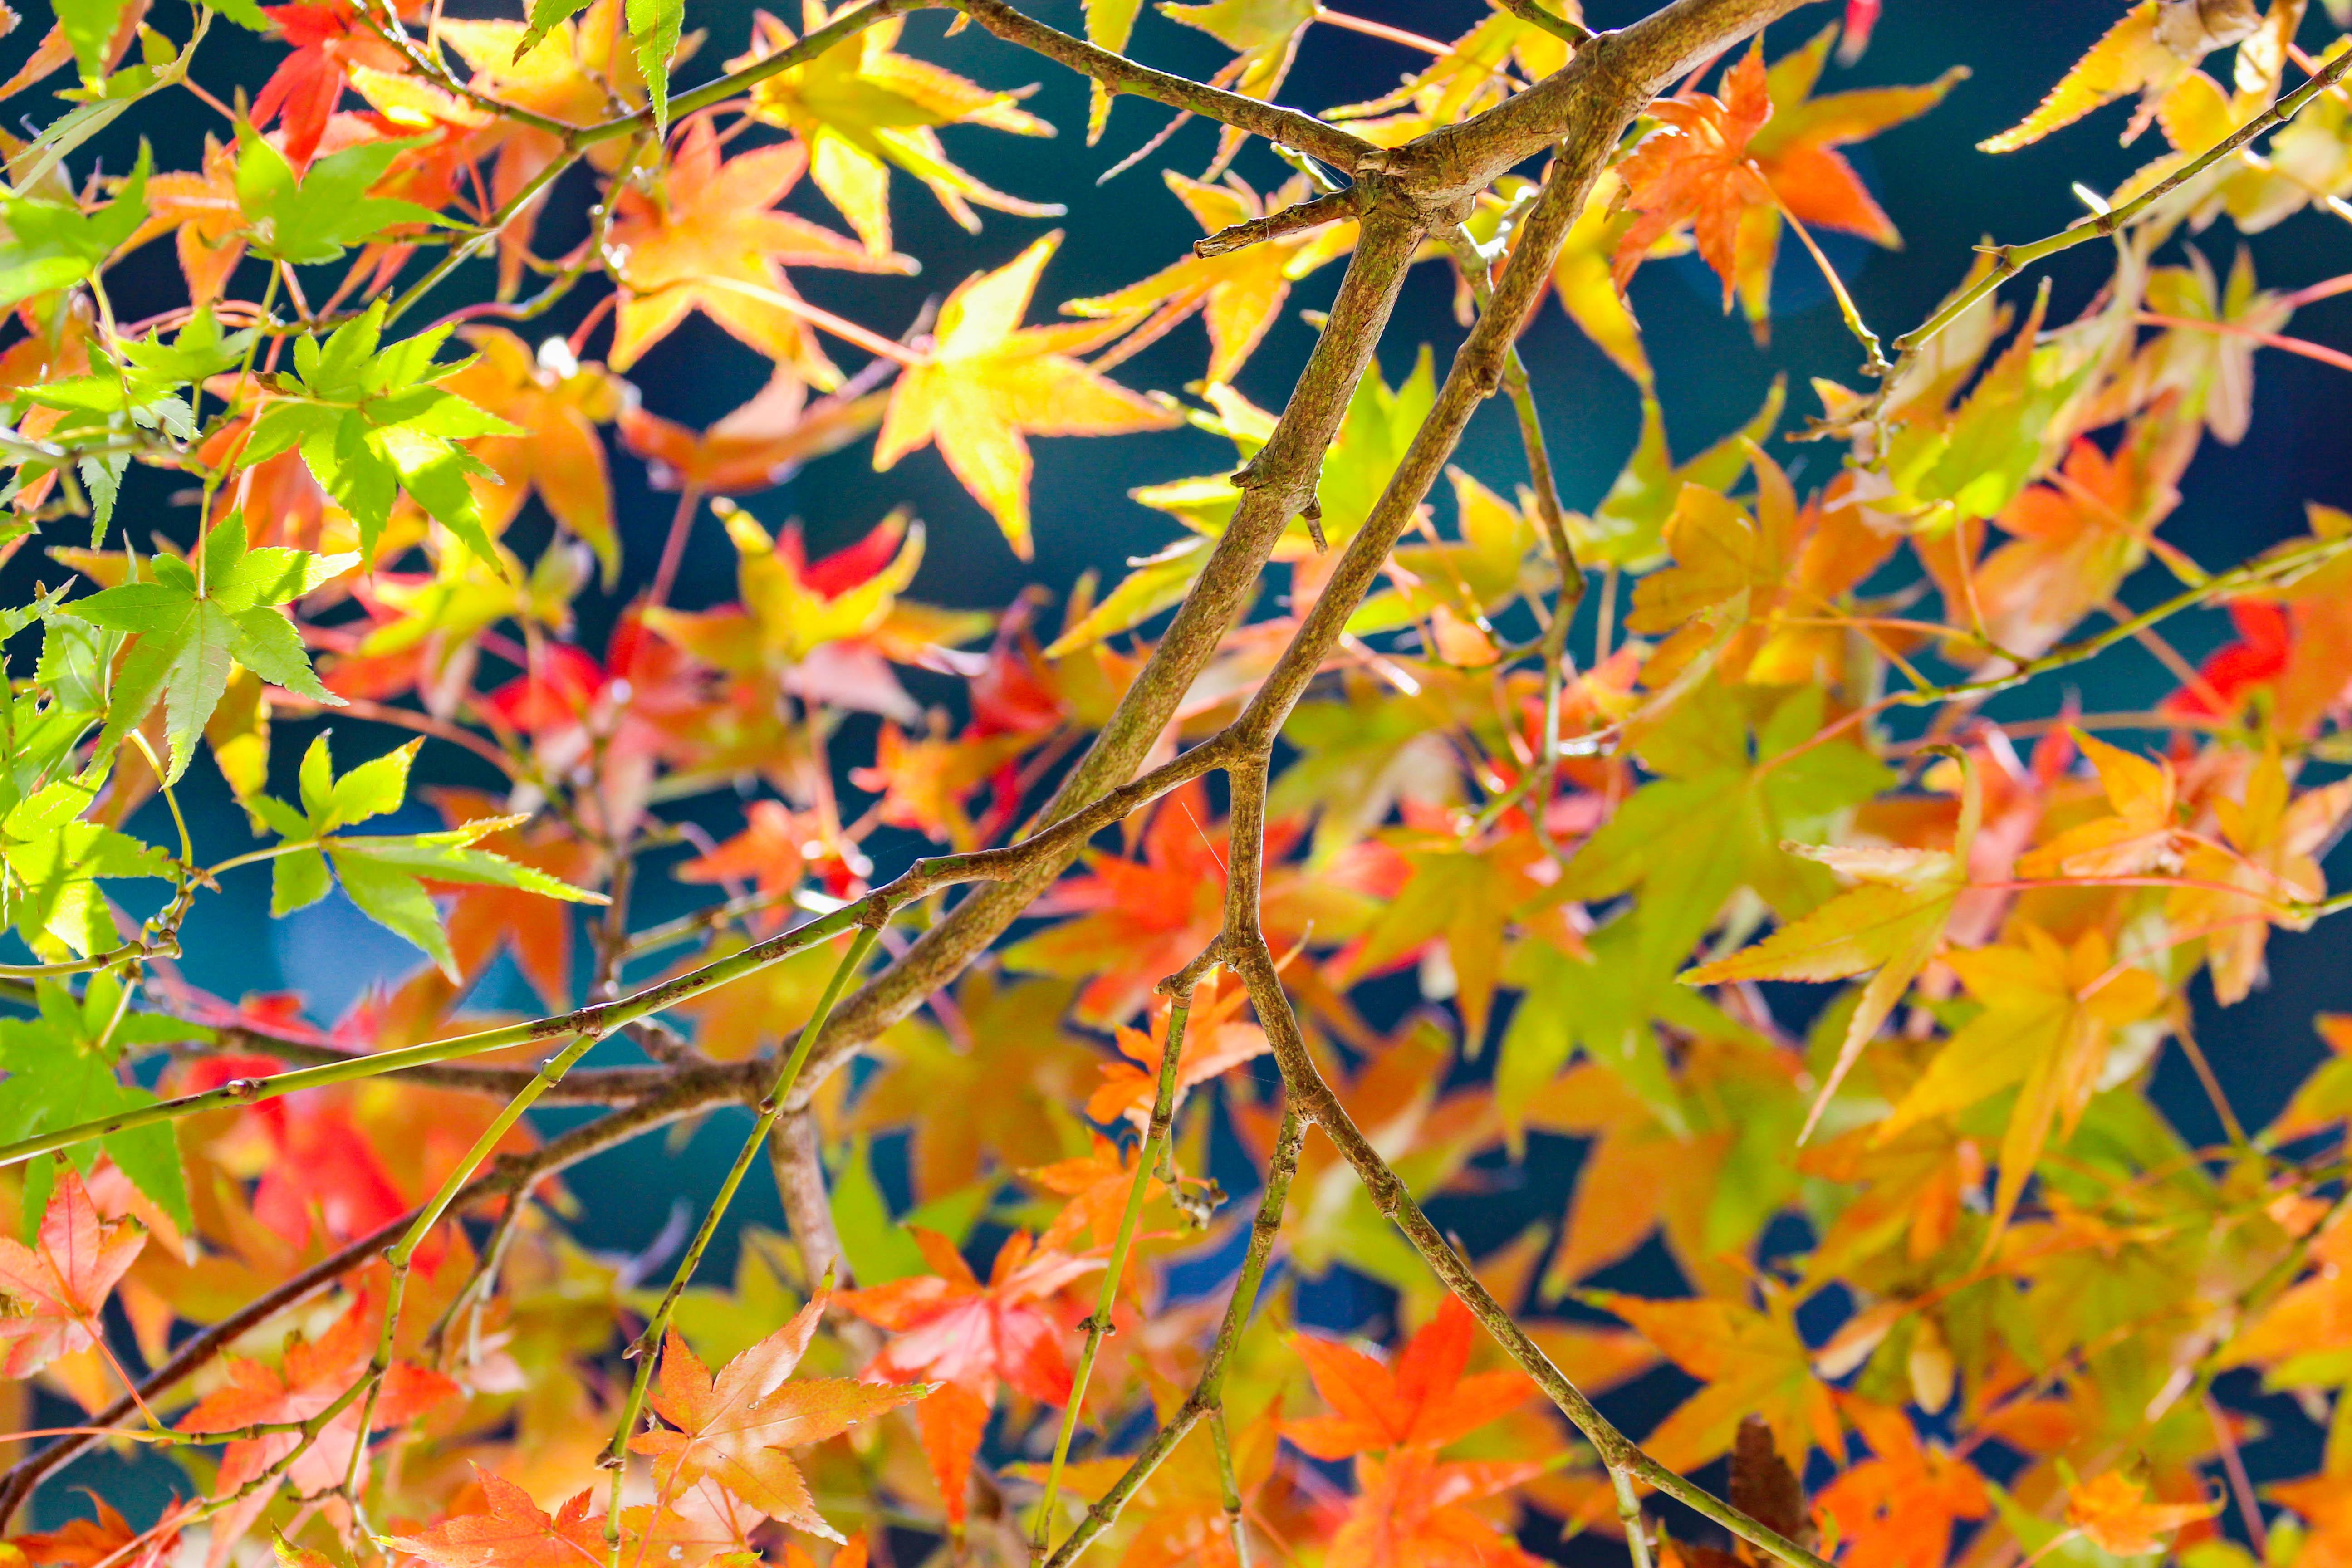 秋の深まりとともに徐々に変化していく